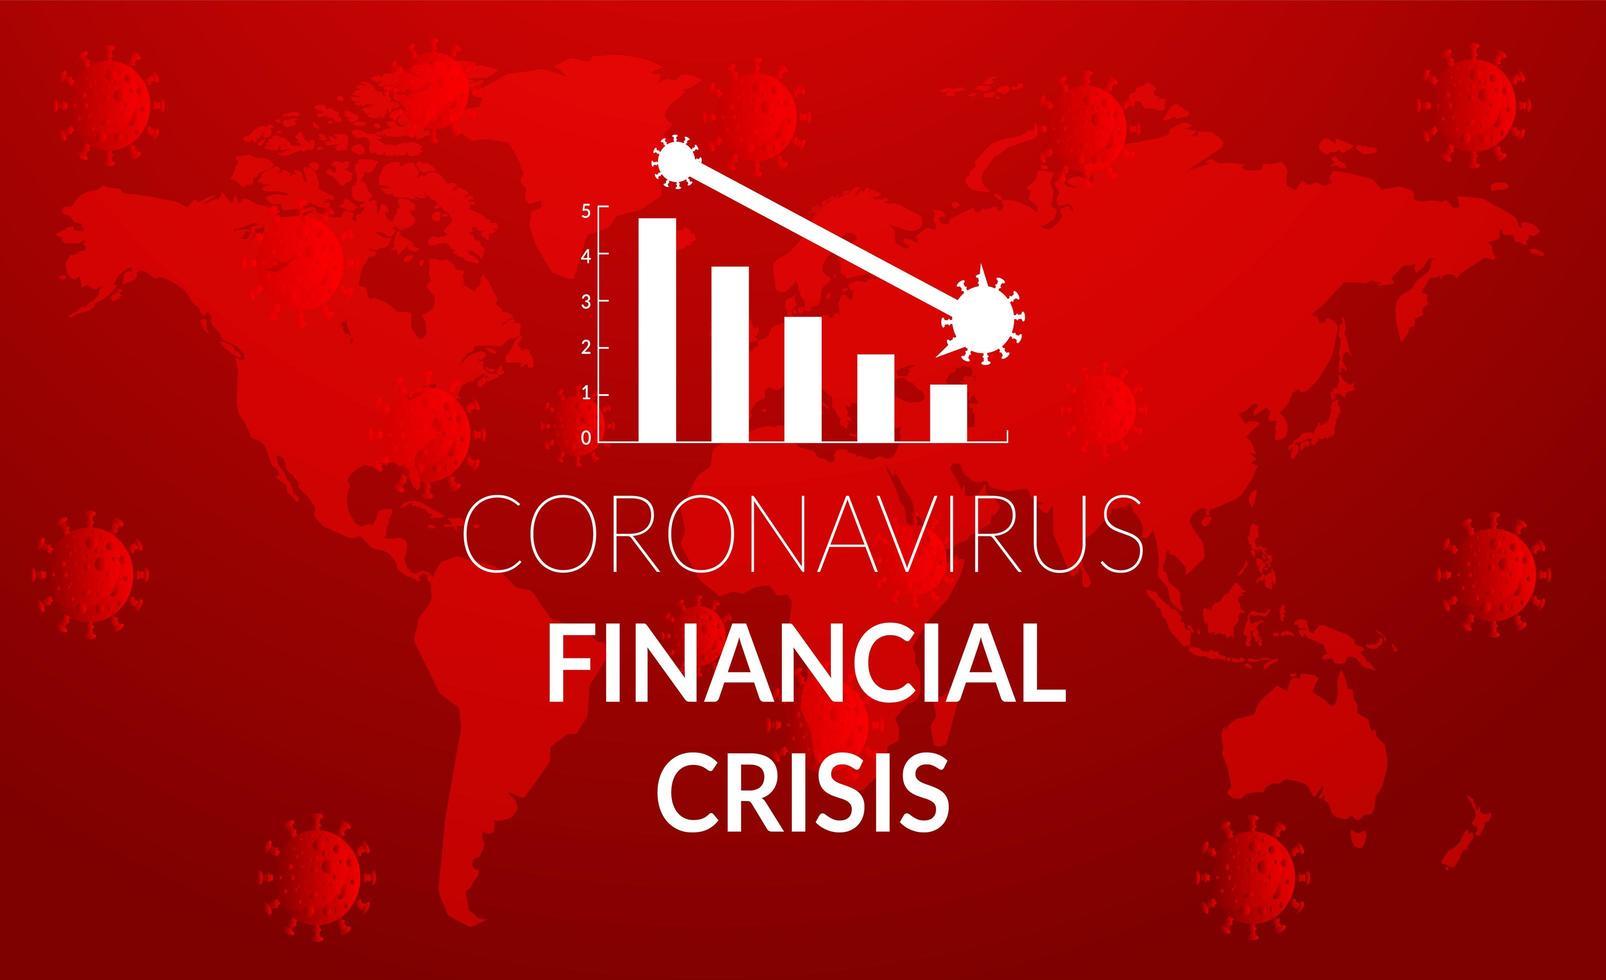 graphique de crise de chute du coronavirus rouge vecteur